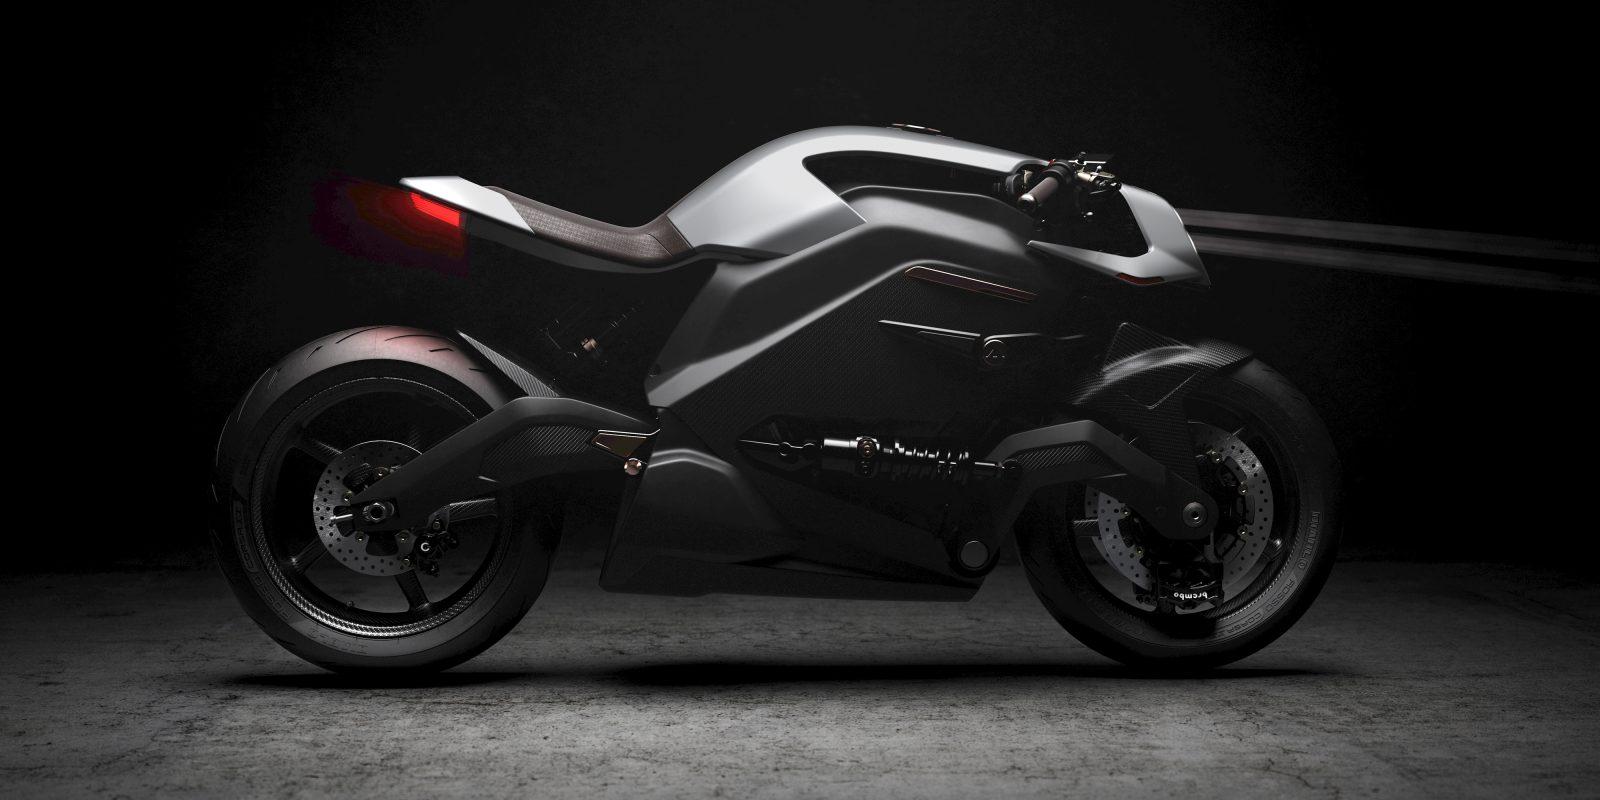 Arc Vector elettrica e connessa, novità moto 2019